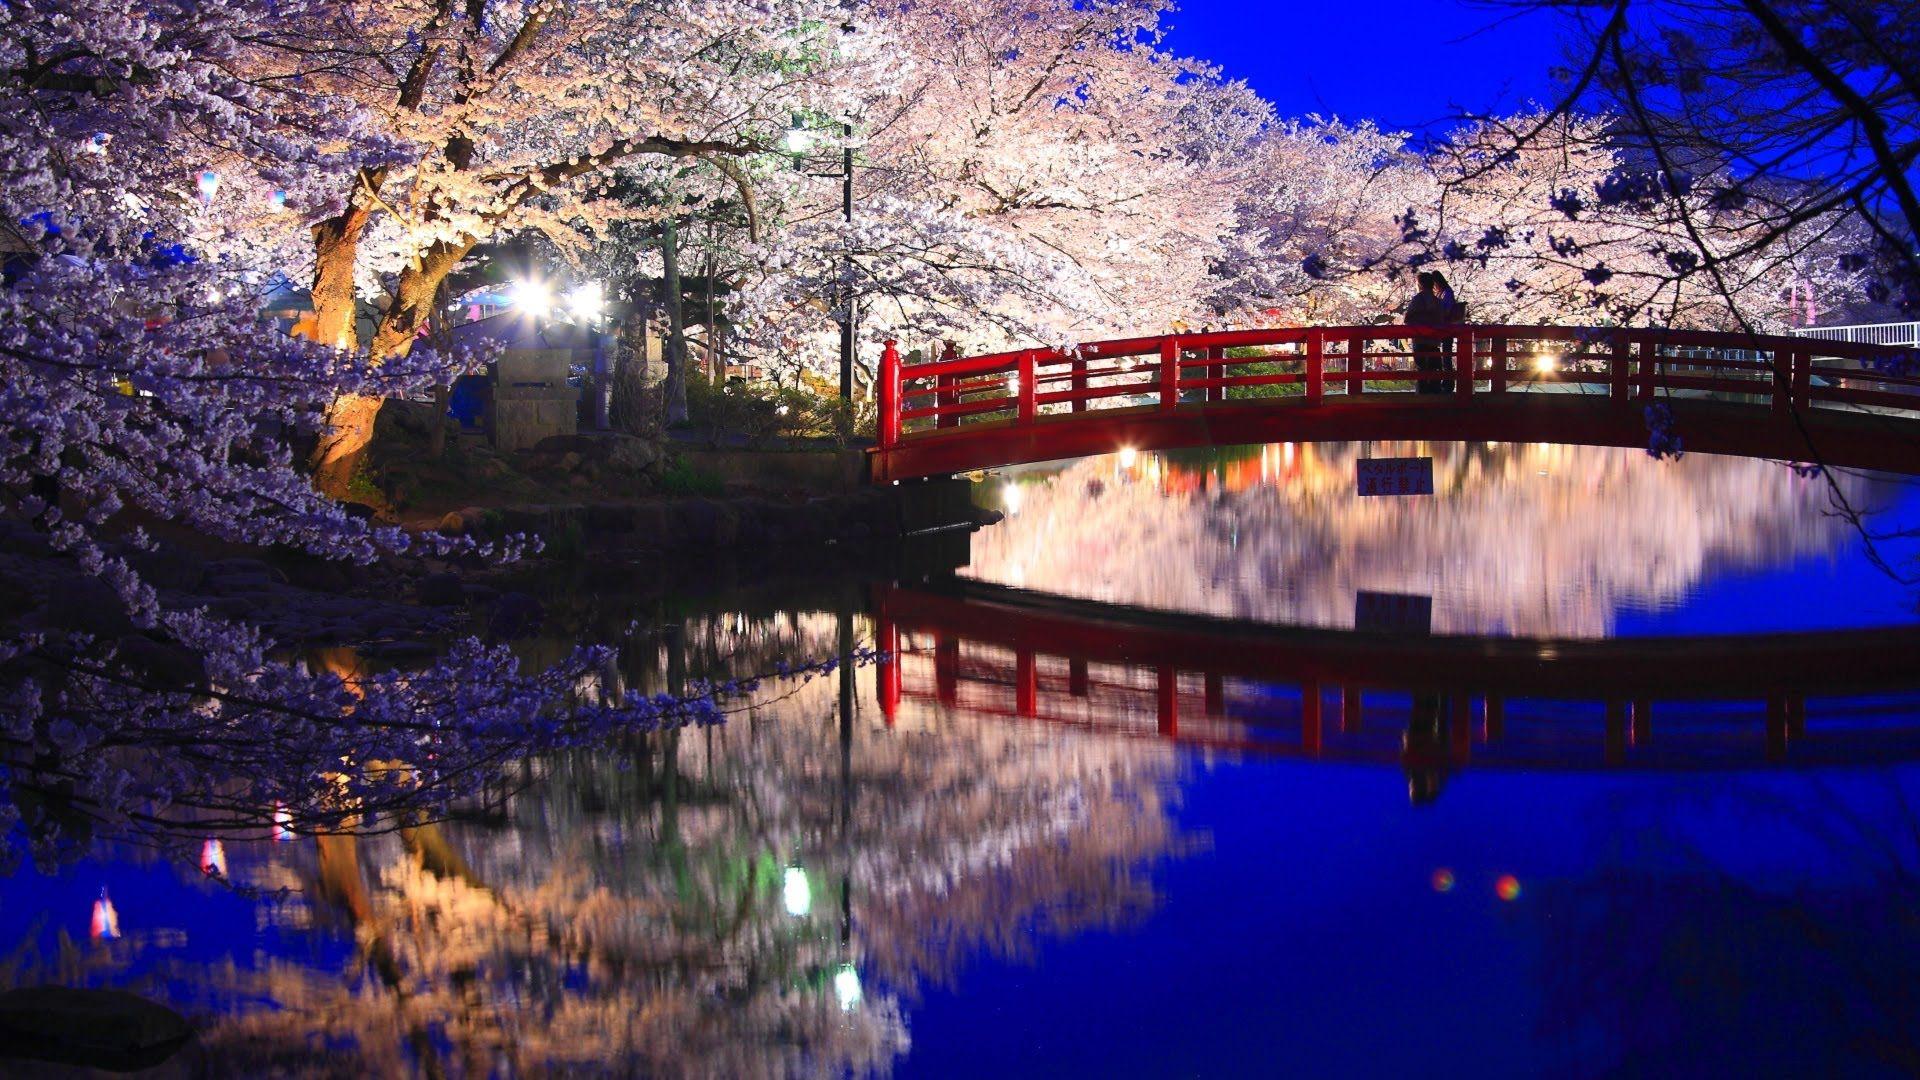 日本旅游地�_景色画像-Google検索|ホームアイデア|日本の風景、夜桜